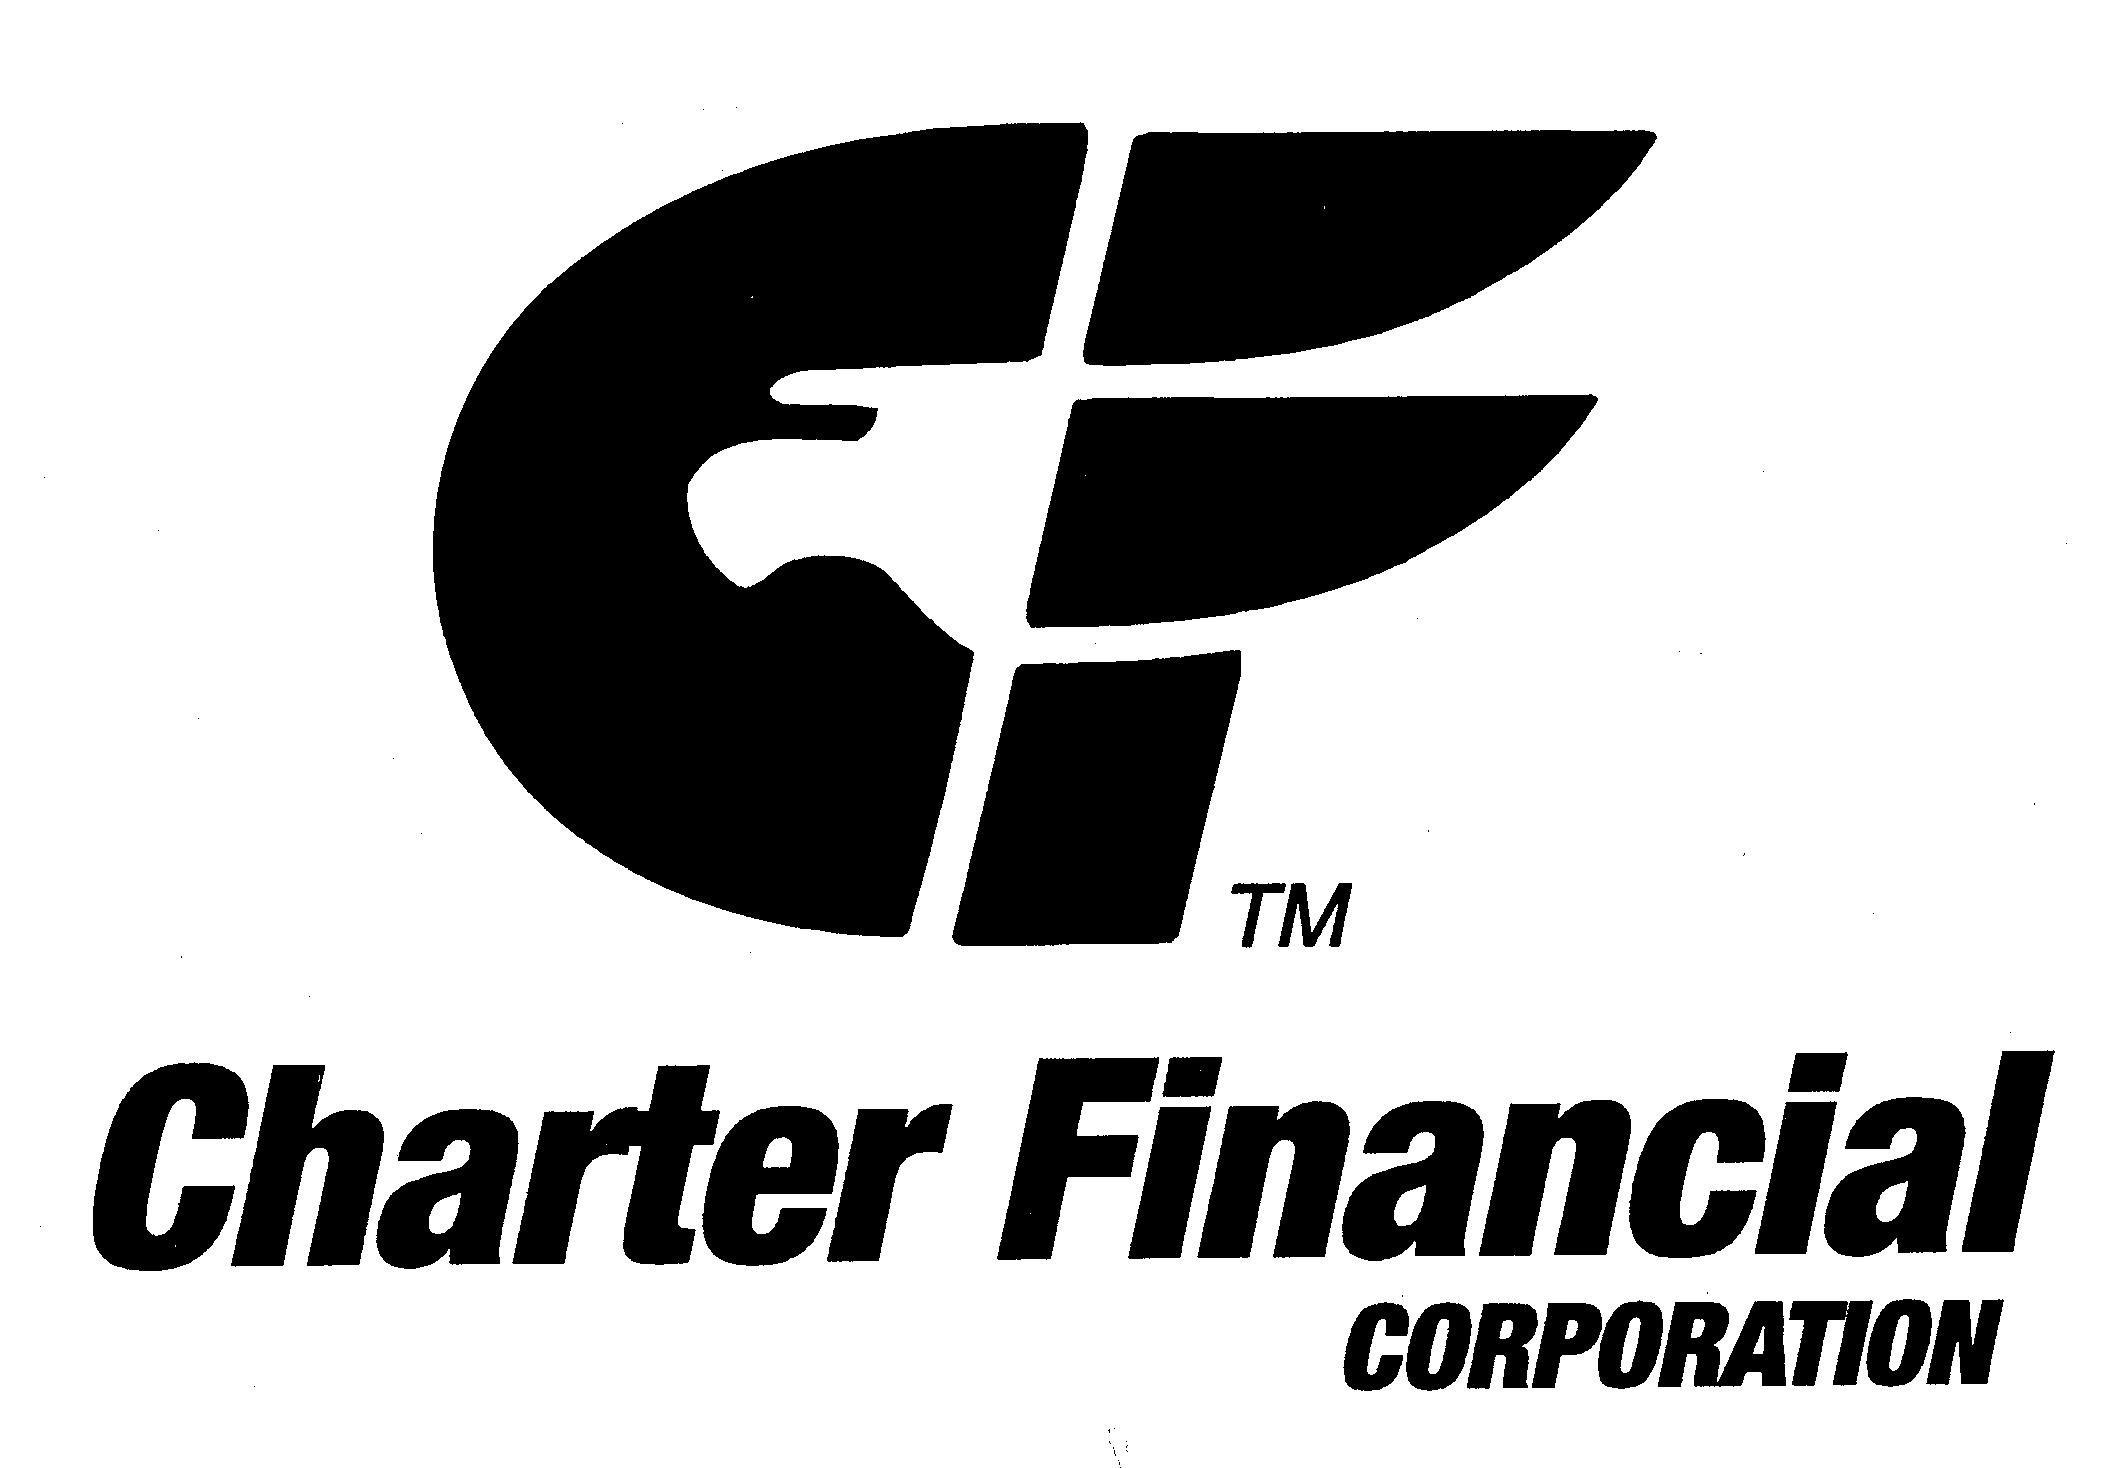 Charter Financial Corp logo